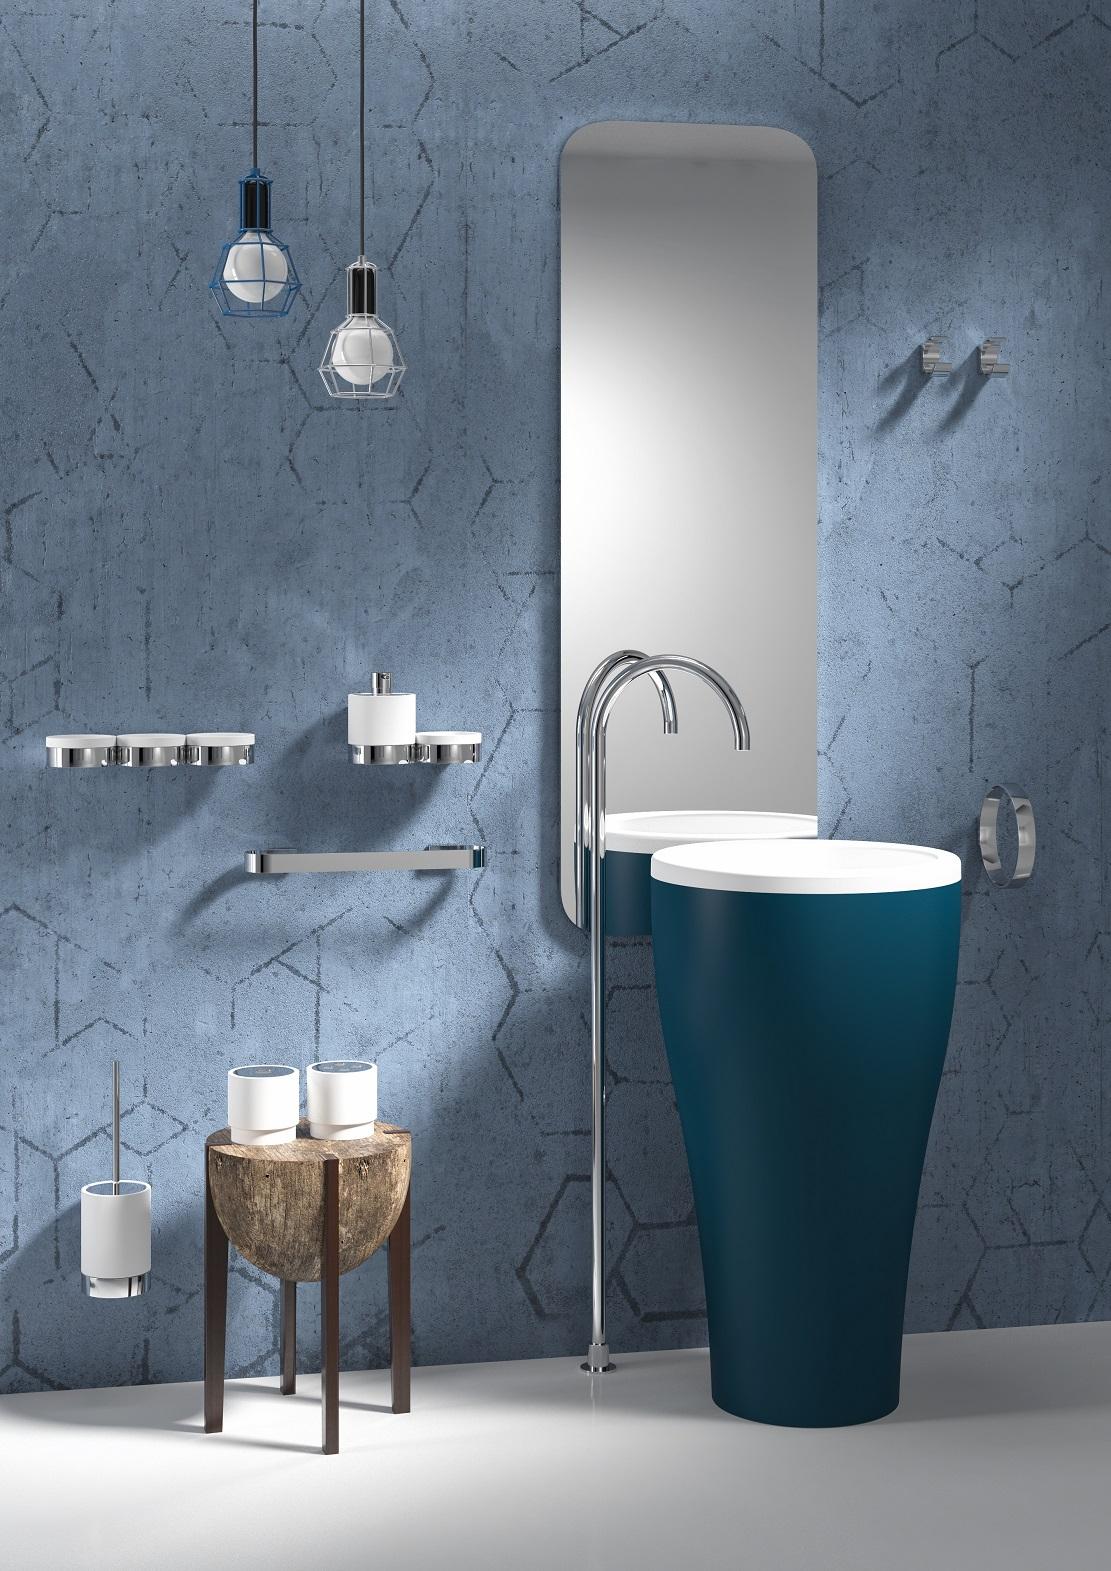 Accessori bagno in ottone ceramica vetroghiaccio for Regia accessori bagno